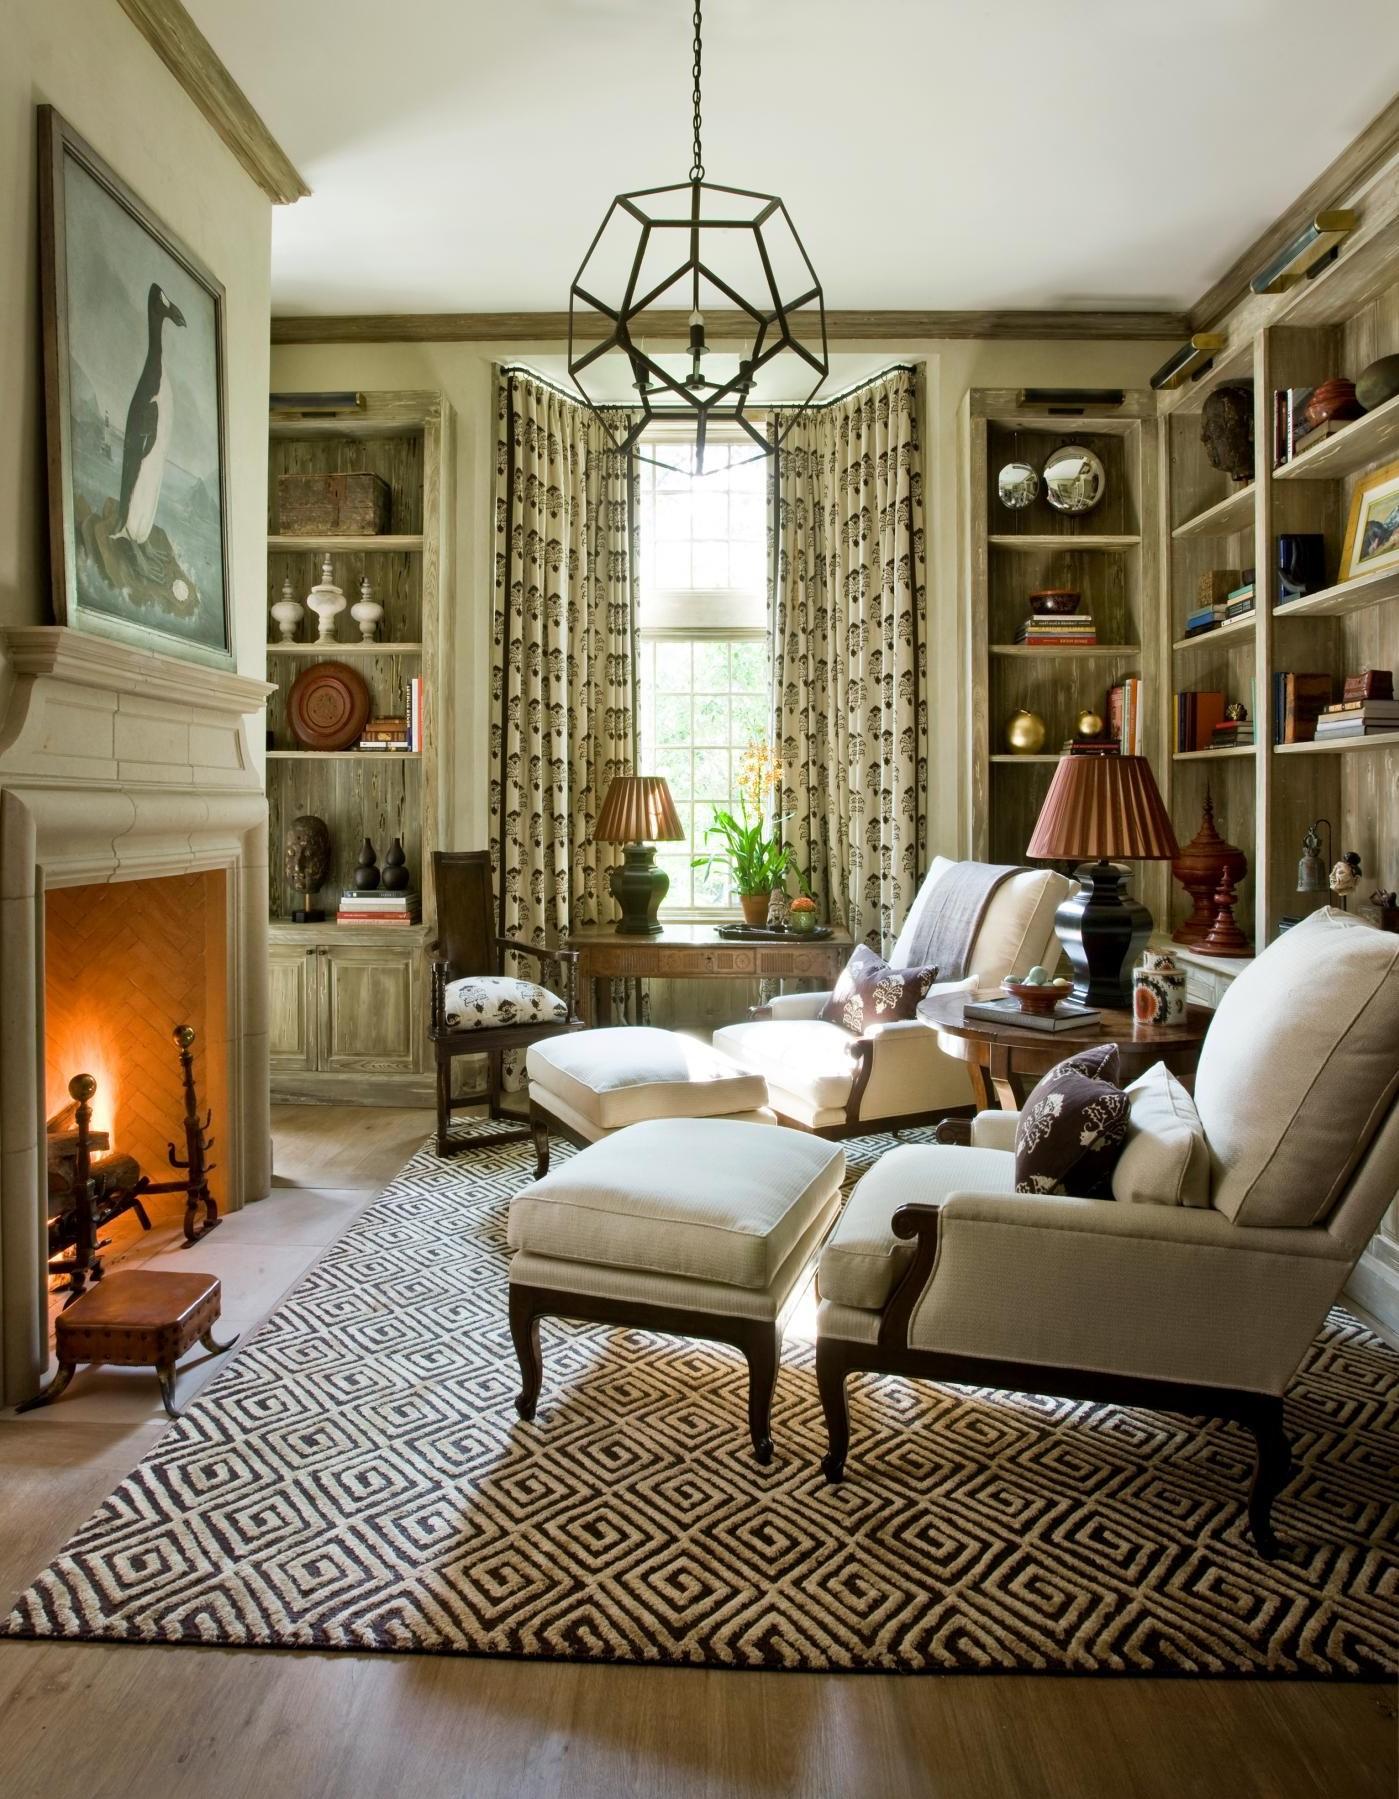 Les sols en carrelage ou en bois sont populaires dans les conceptions modernes et contemporaines, mais vous ne pouvez pas battre un tapis pour réchauffer un sol froid.